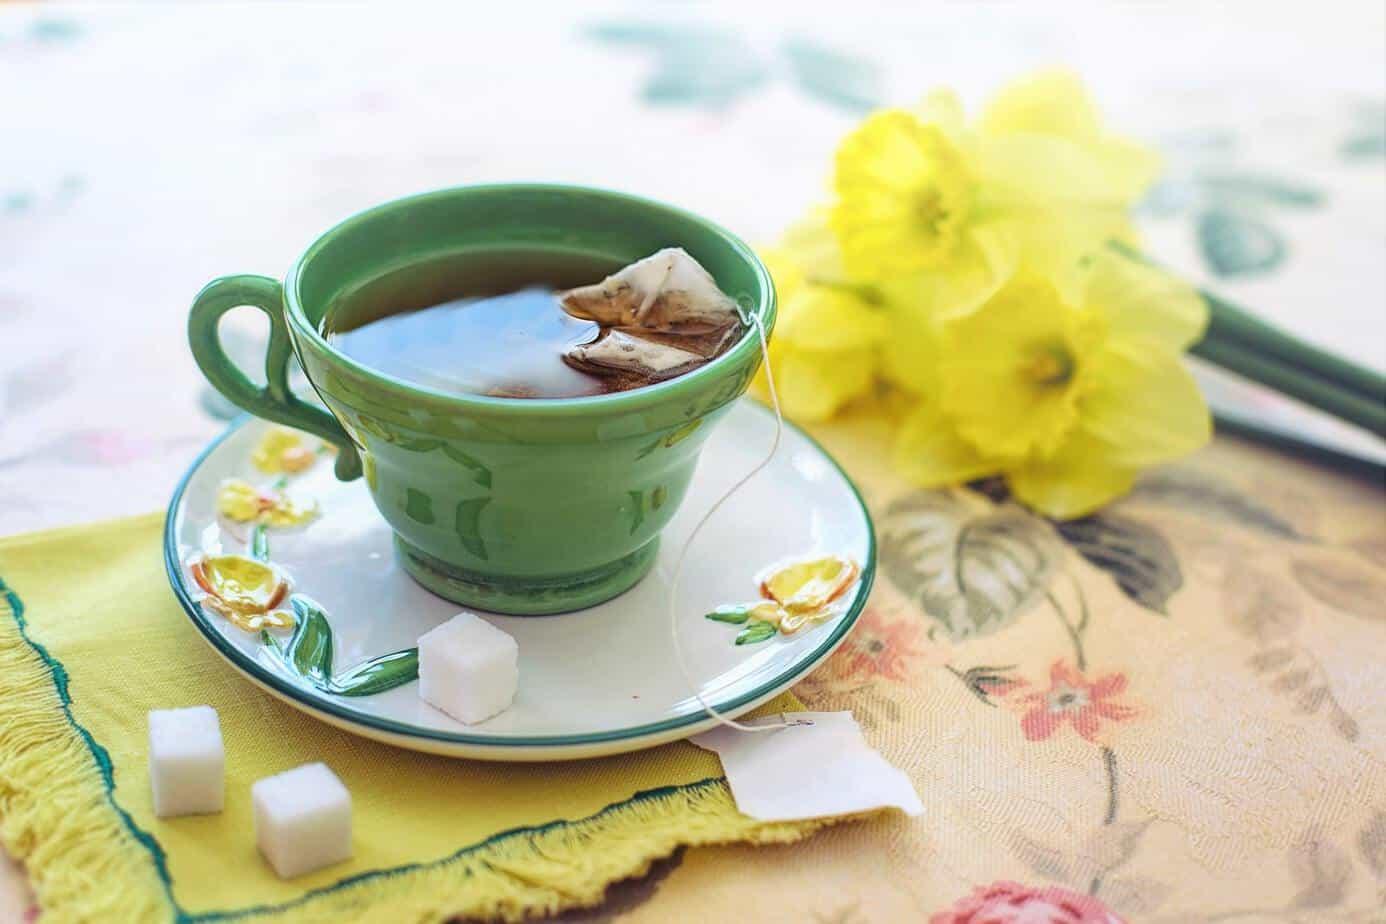 uống trà xanh buổi sáng tốt cho cơ thể